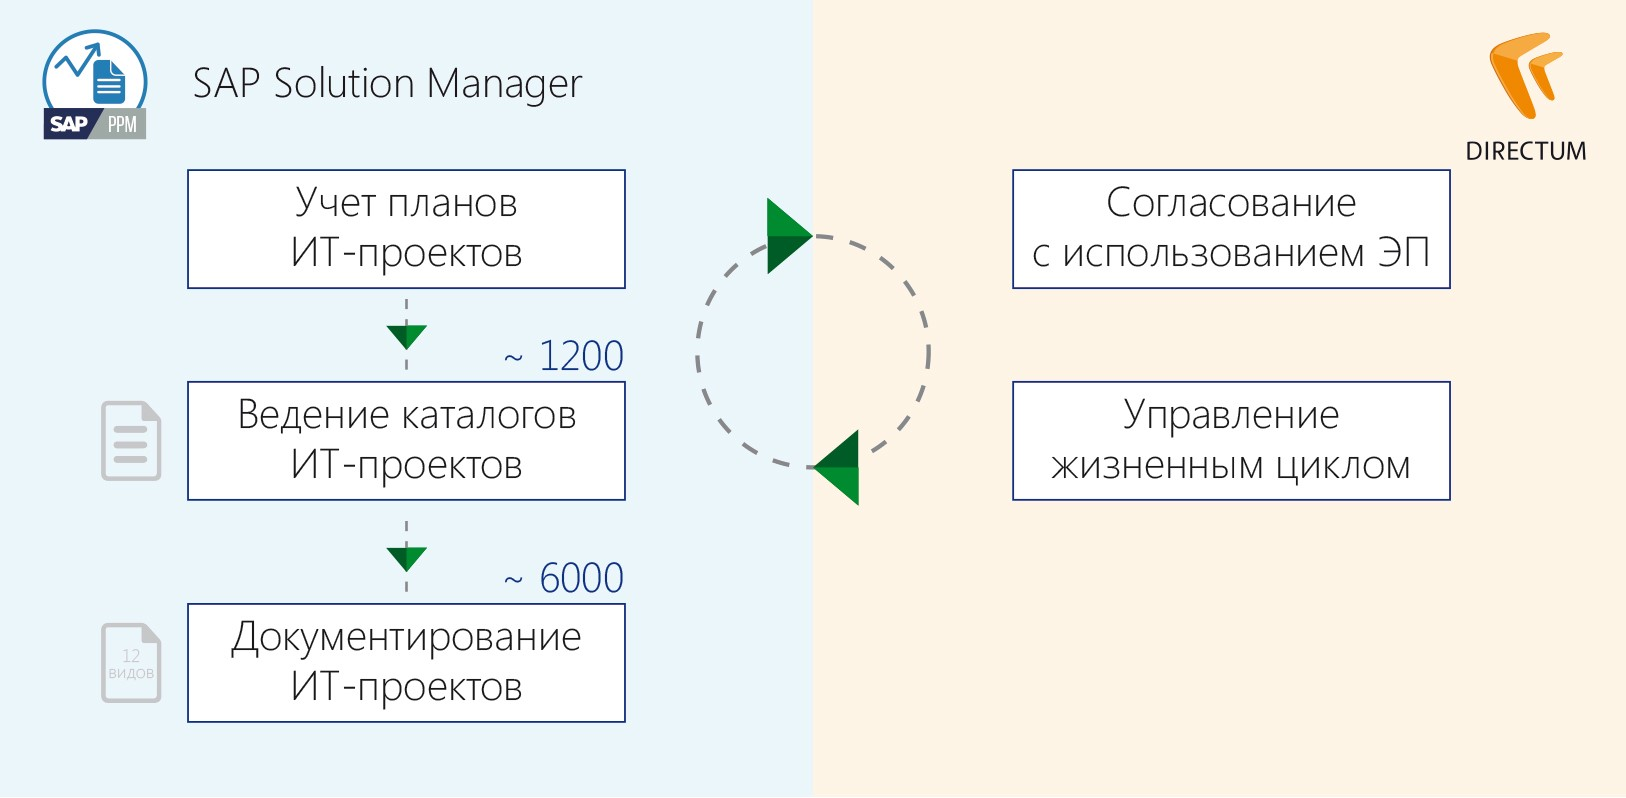 Бизнес процессы ОАО Сургутнефтегаз за пределами делопроизводства  Управление проектно технической документацией